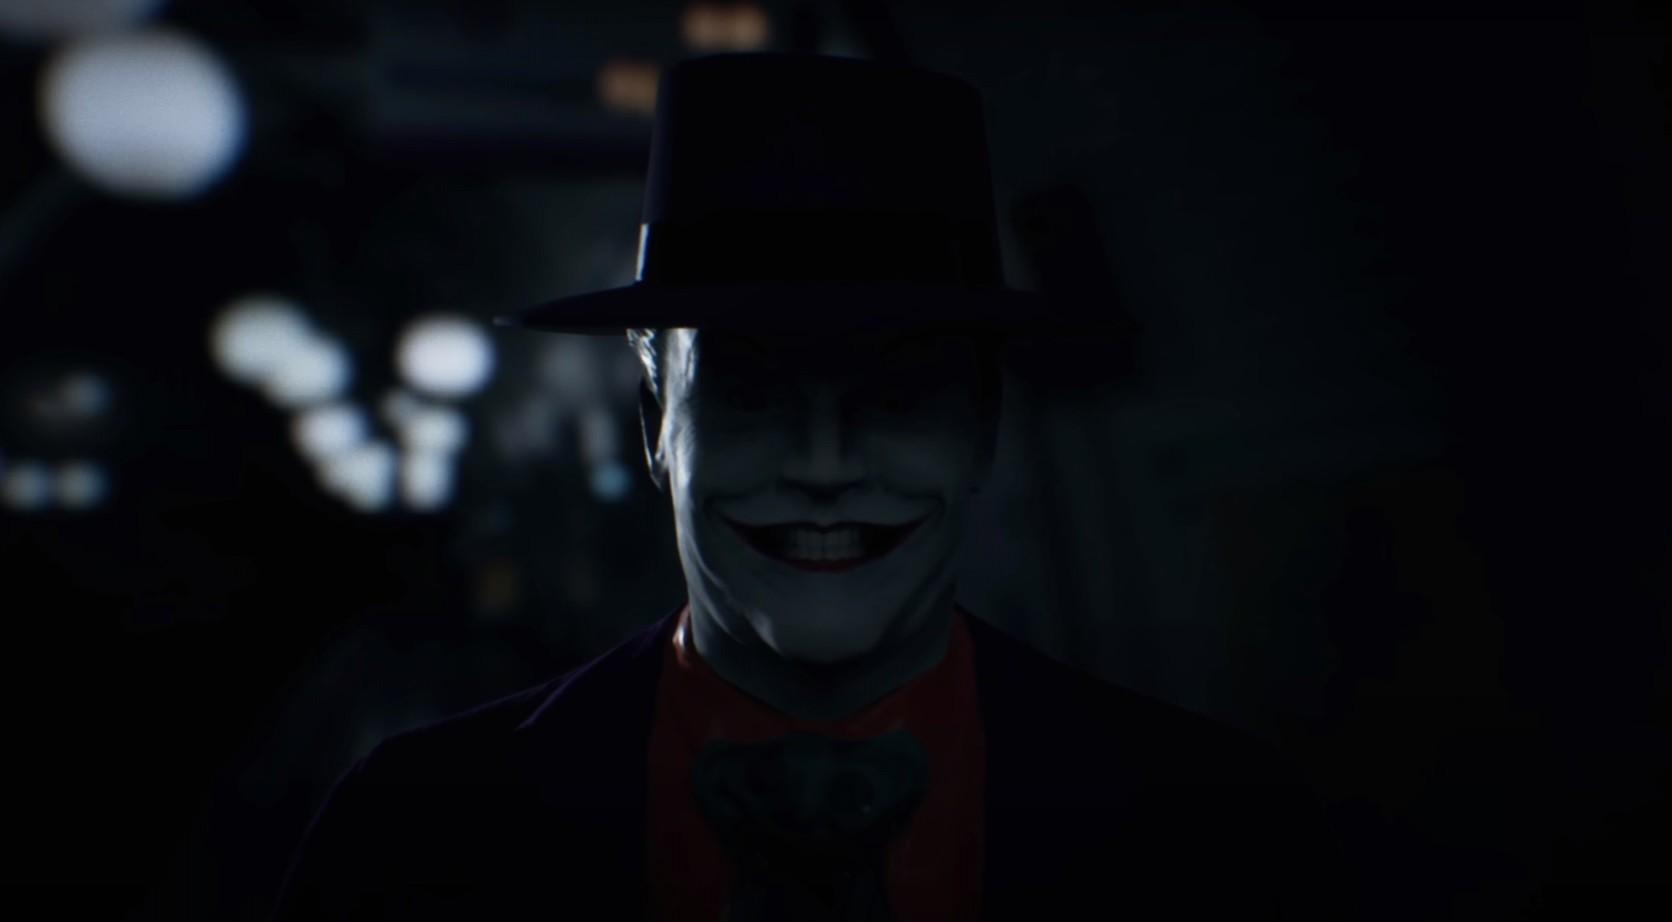 Вышла фанатская игра I AM BATMAN она сделана по мотивам фильма Тима Бёртона